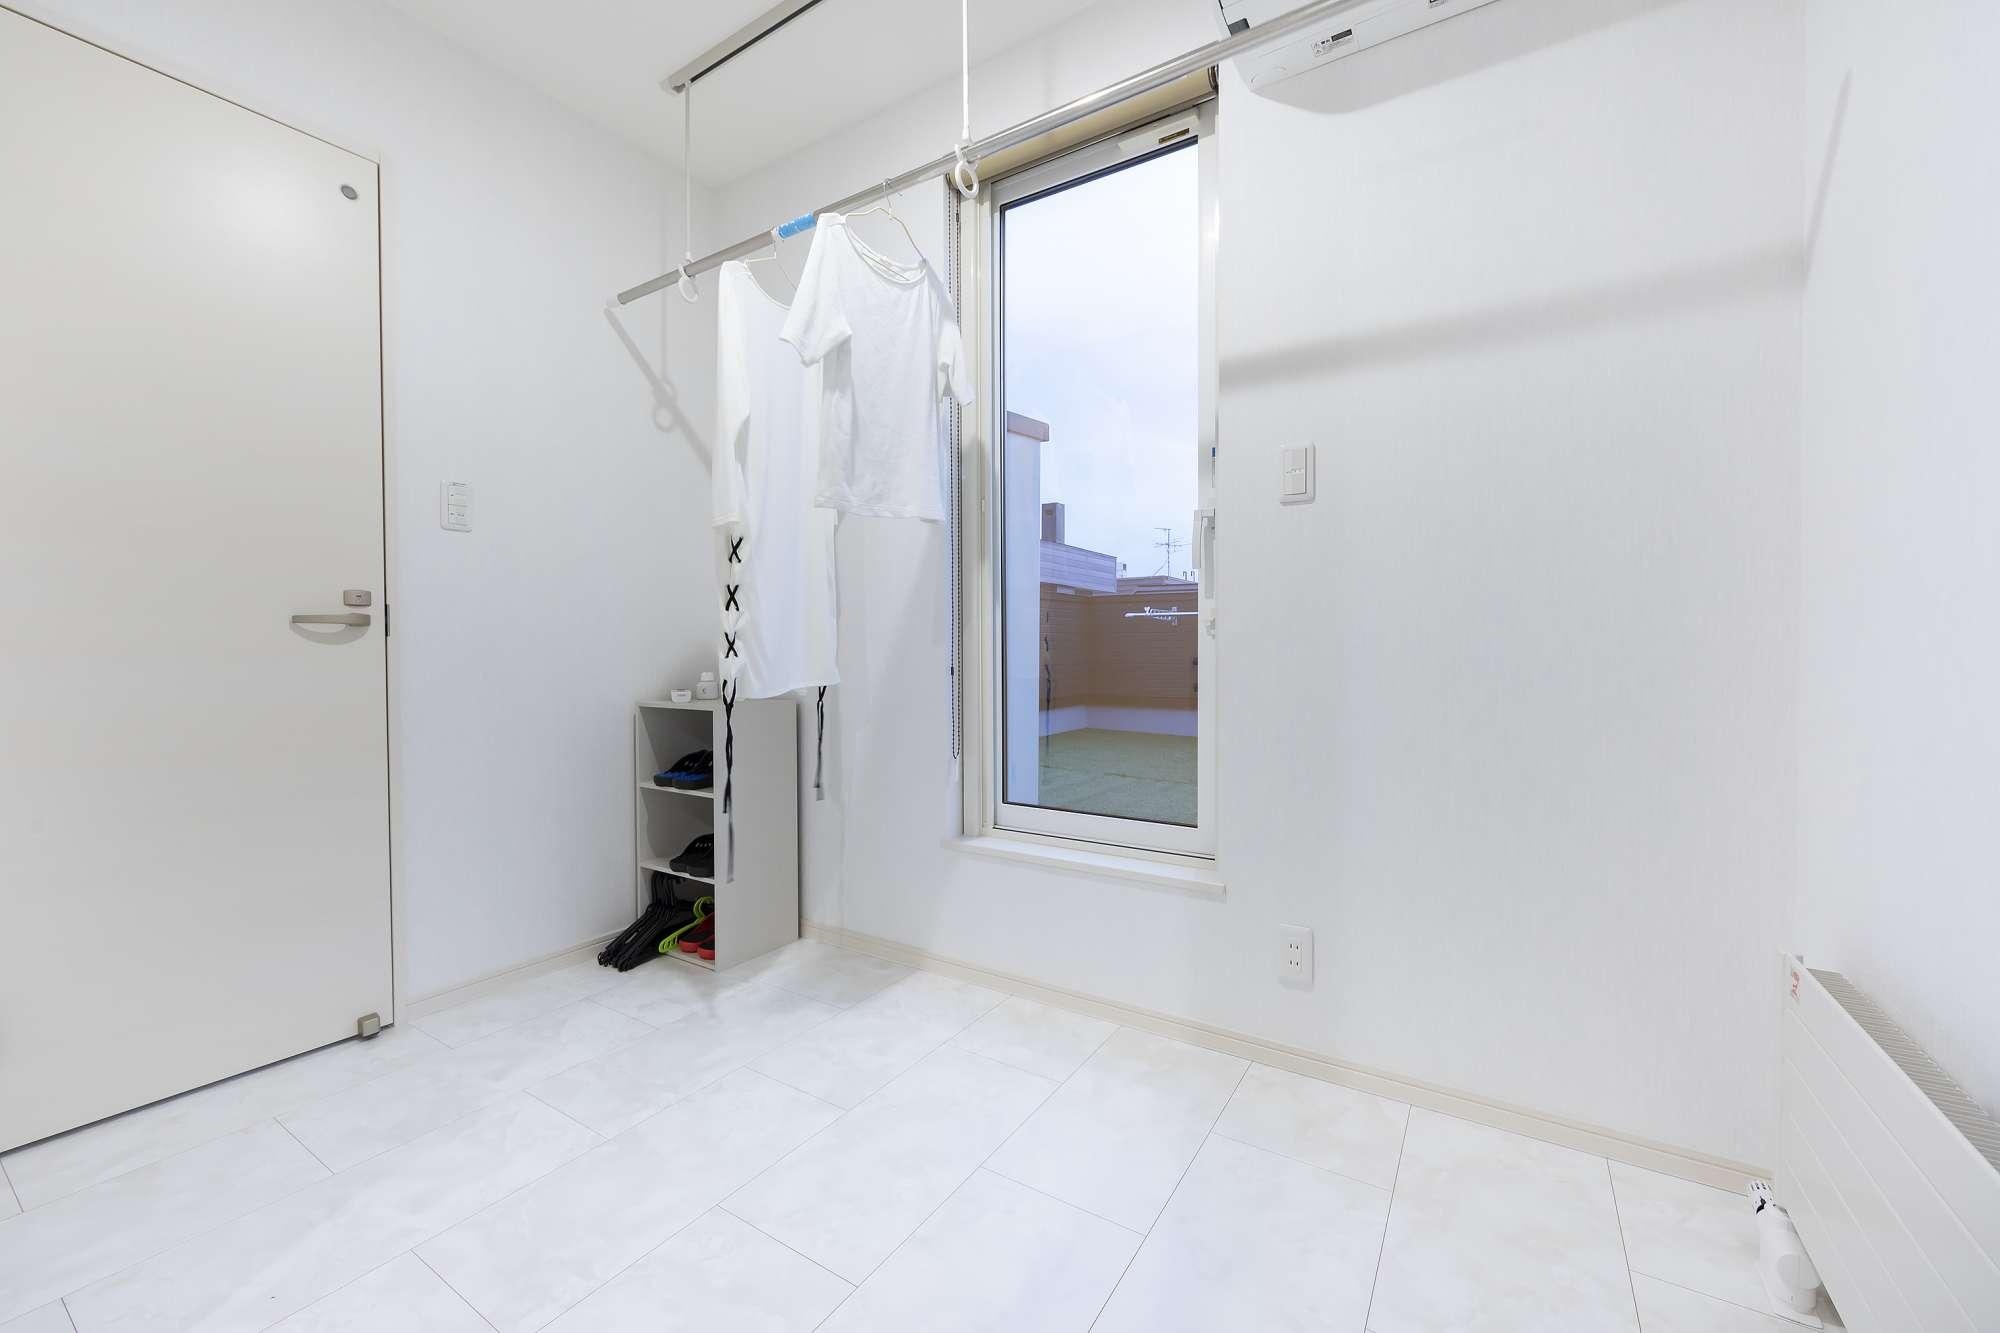 2階のフリーホール - 室内干し場も兼ねた2階のフリーホール。リビングに来客があっても、ここなら洗濯物を干しておけます -  -